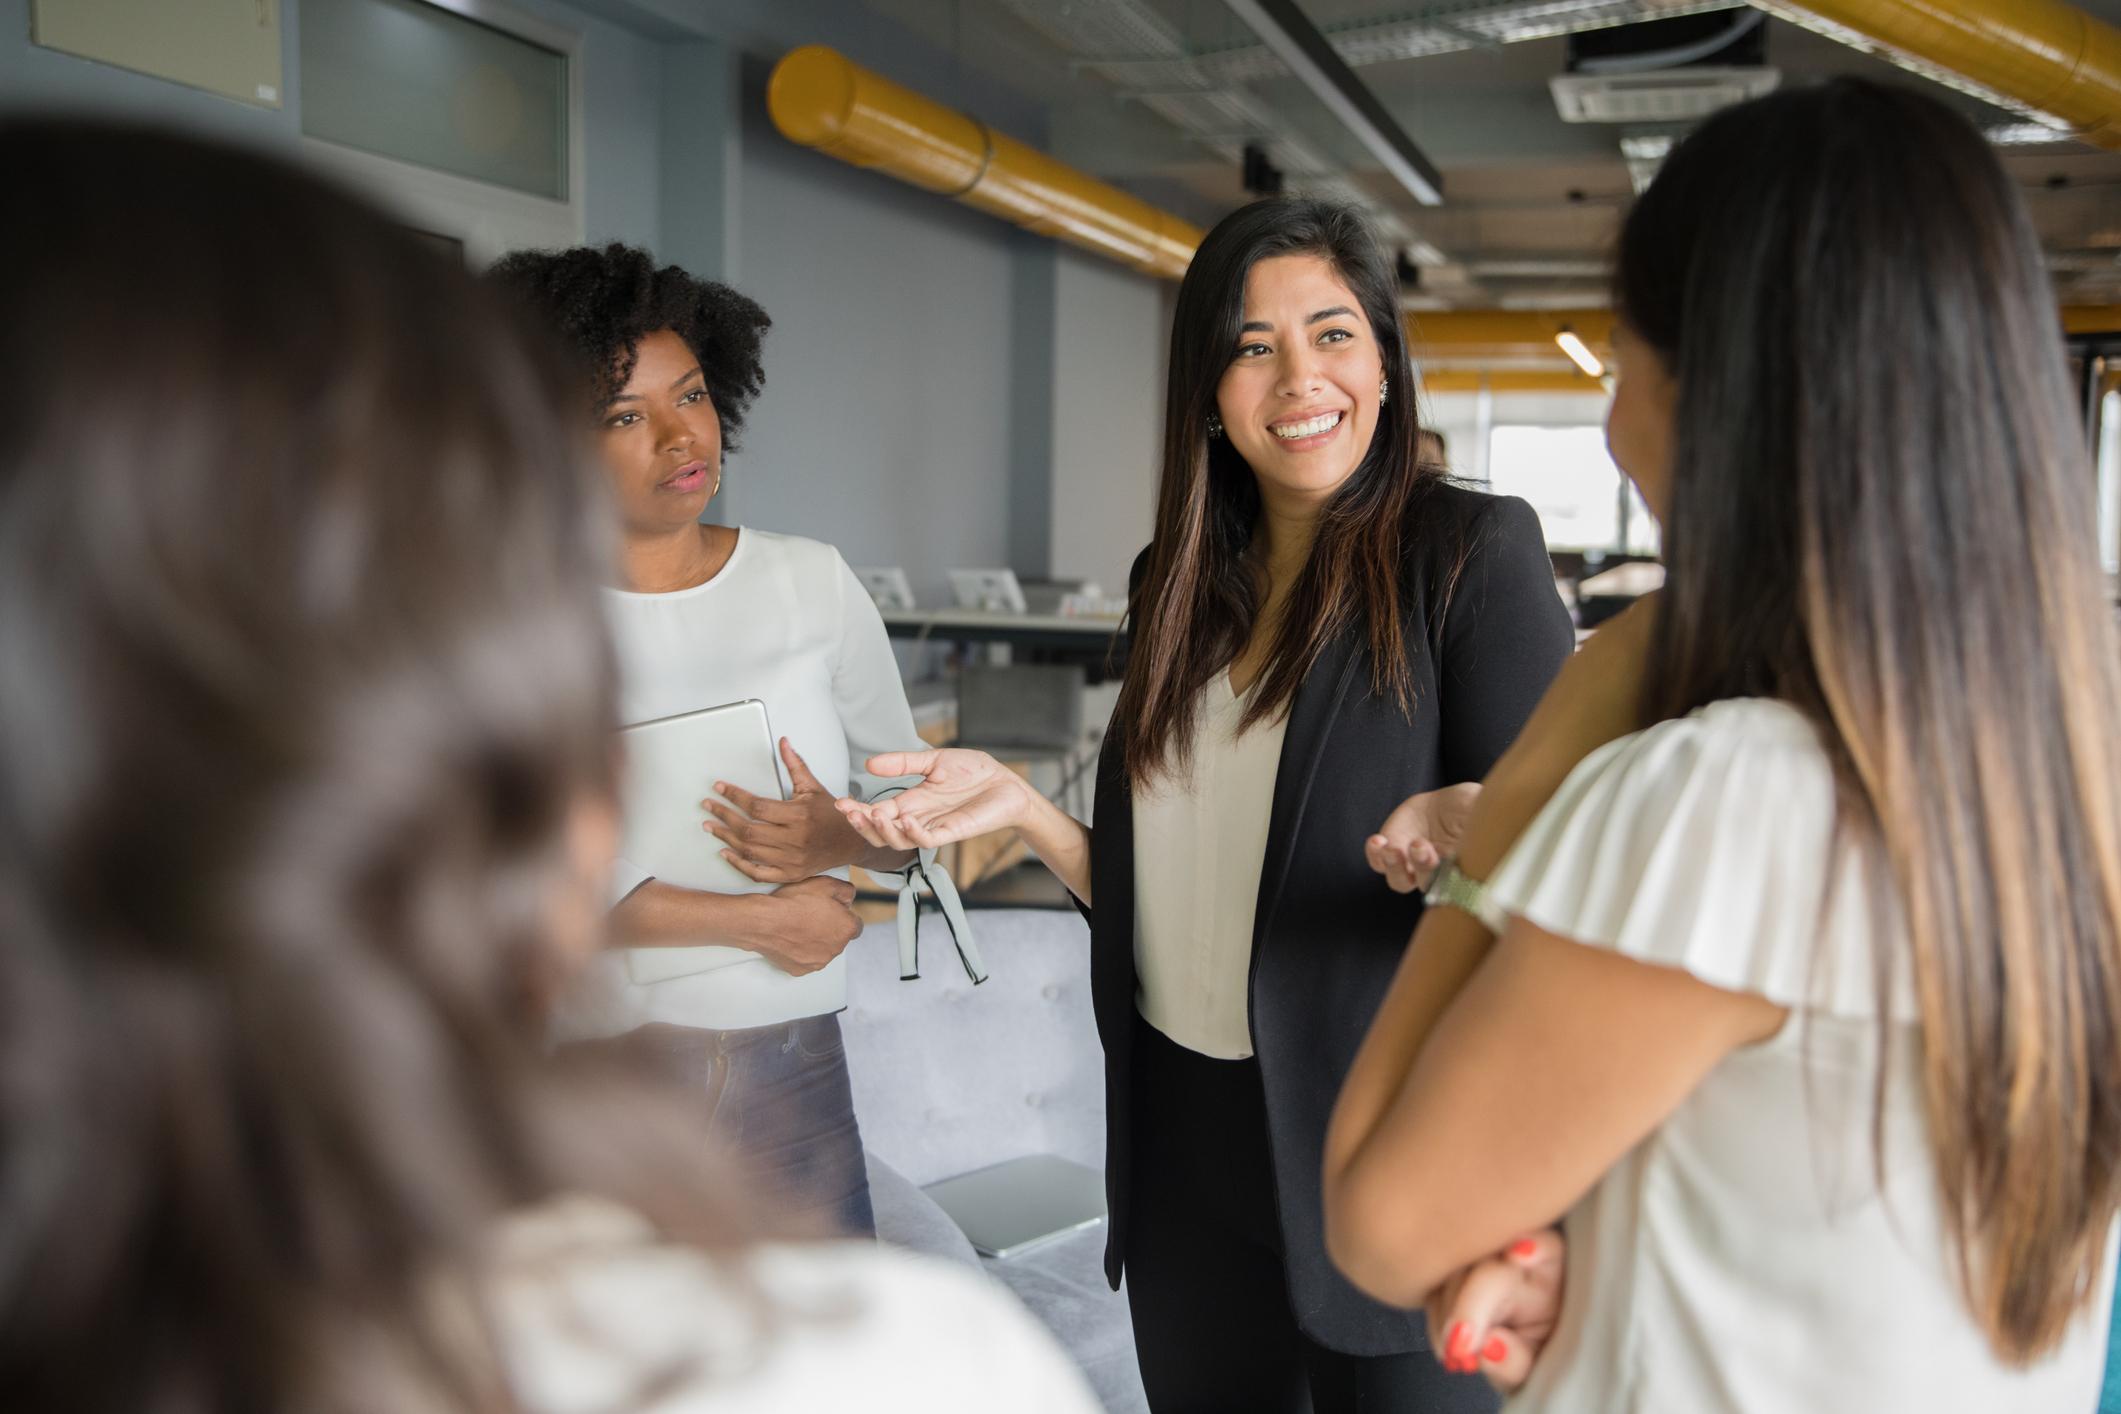 el-gobierno-encarga-un-estudio-para-conocer-el-estado-del-emprendimiento-femenino